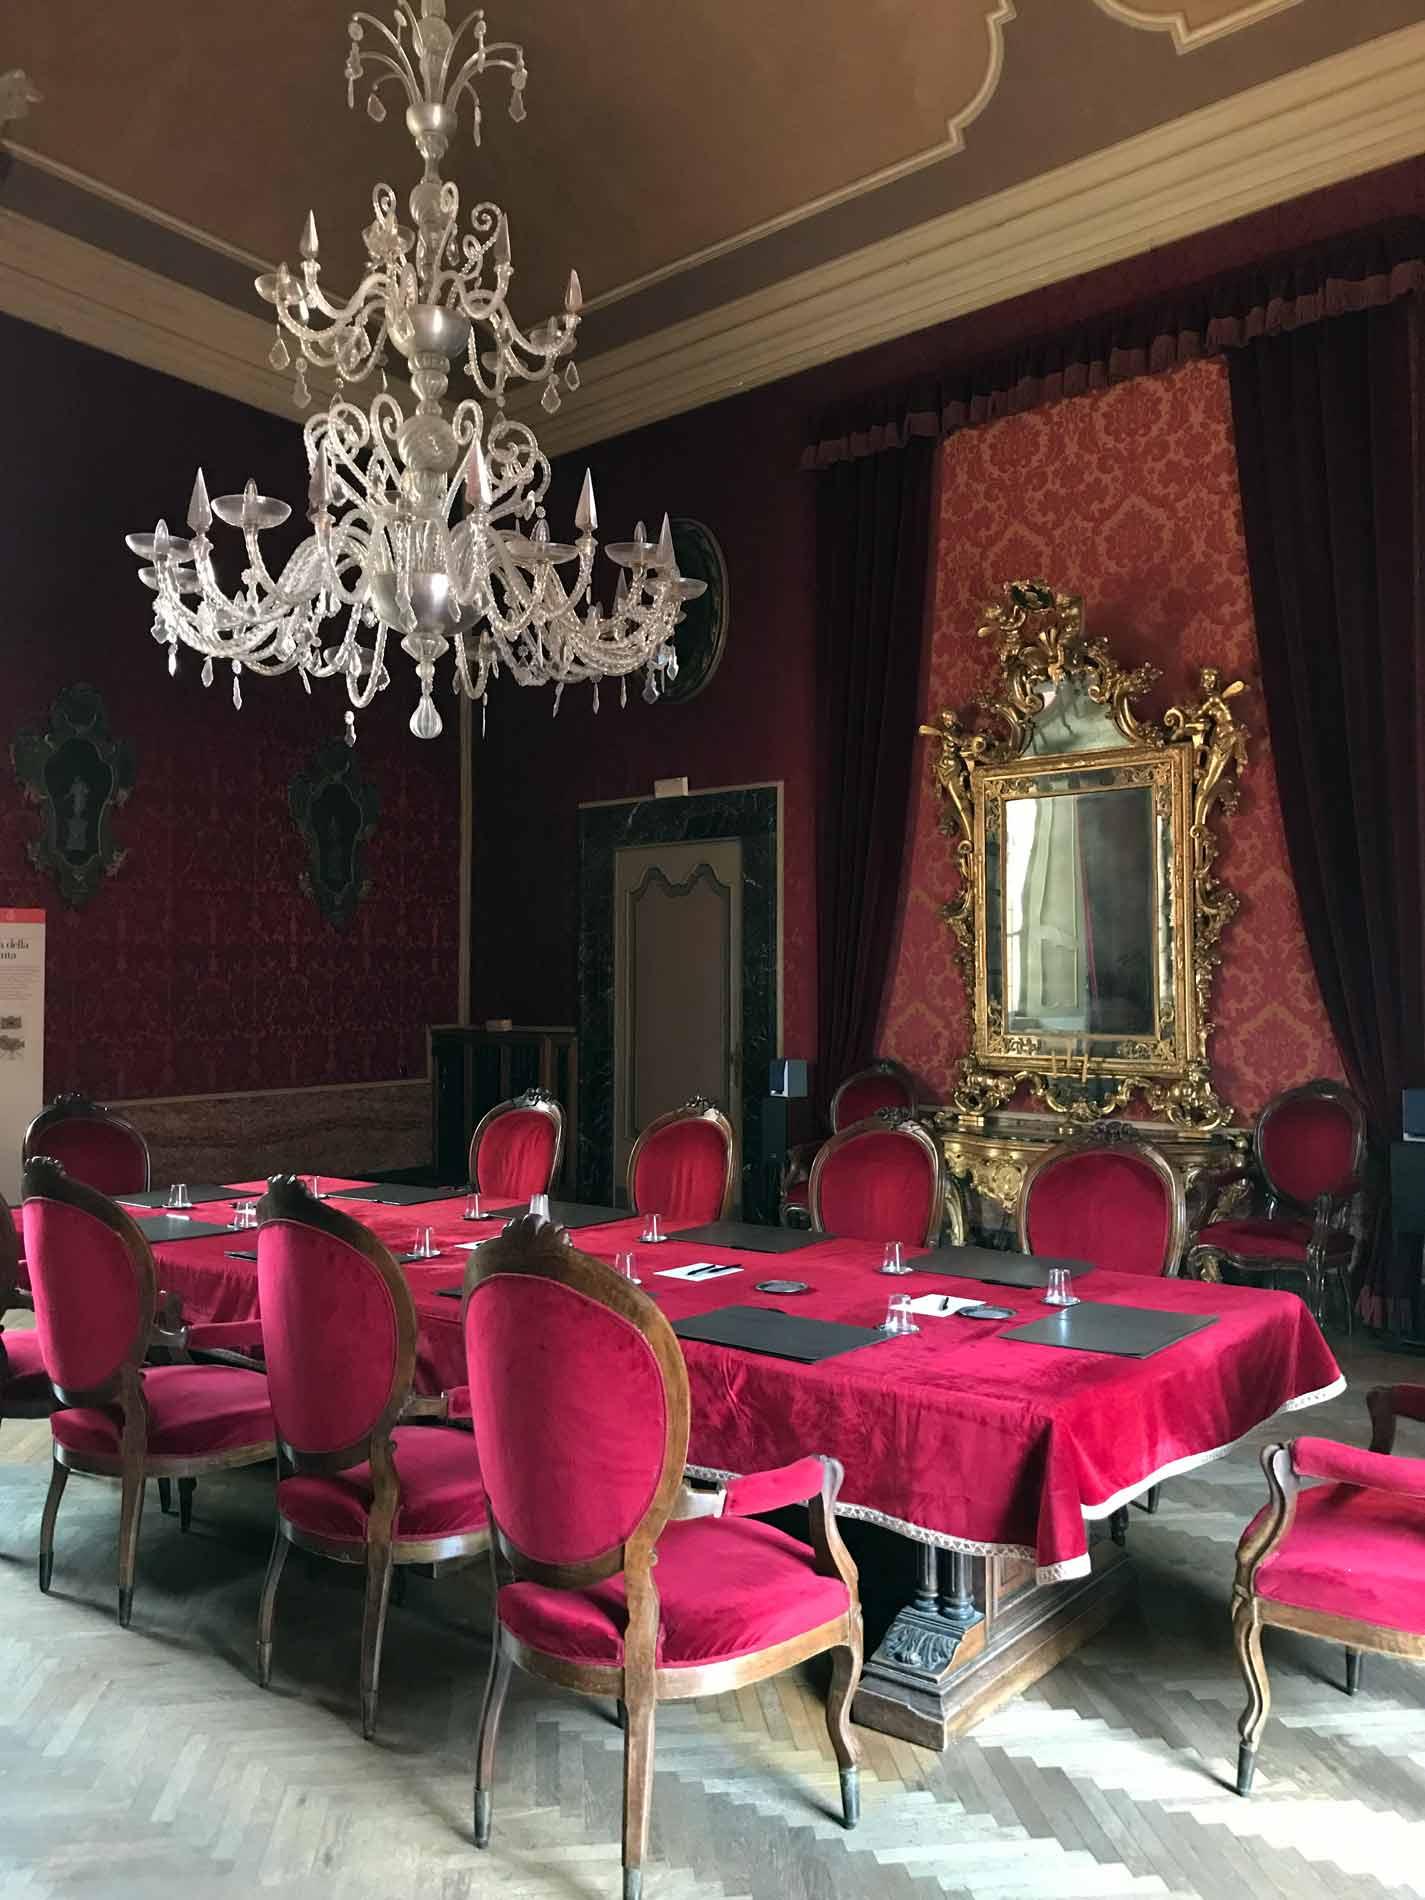 Palazzo-Comunale-Cremona-Sala-giunta-velluto-lampadario-specchio-rococo